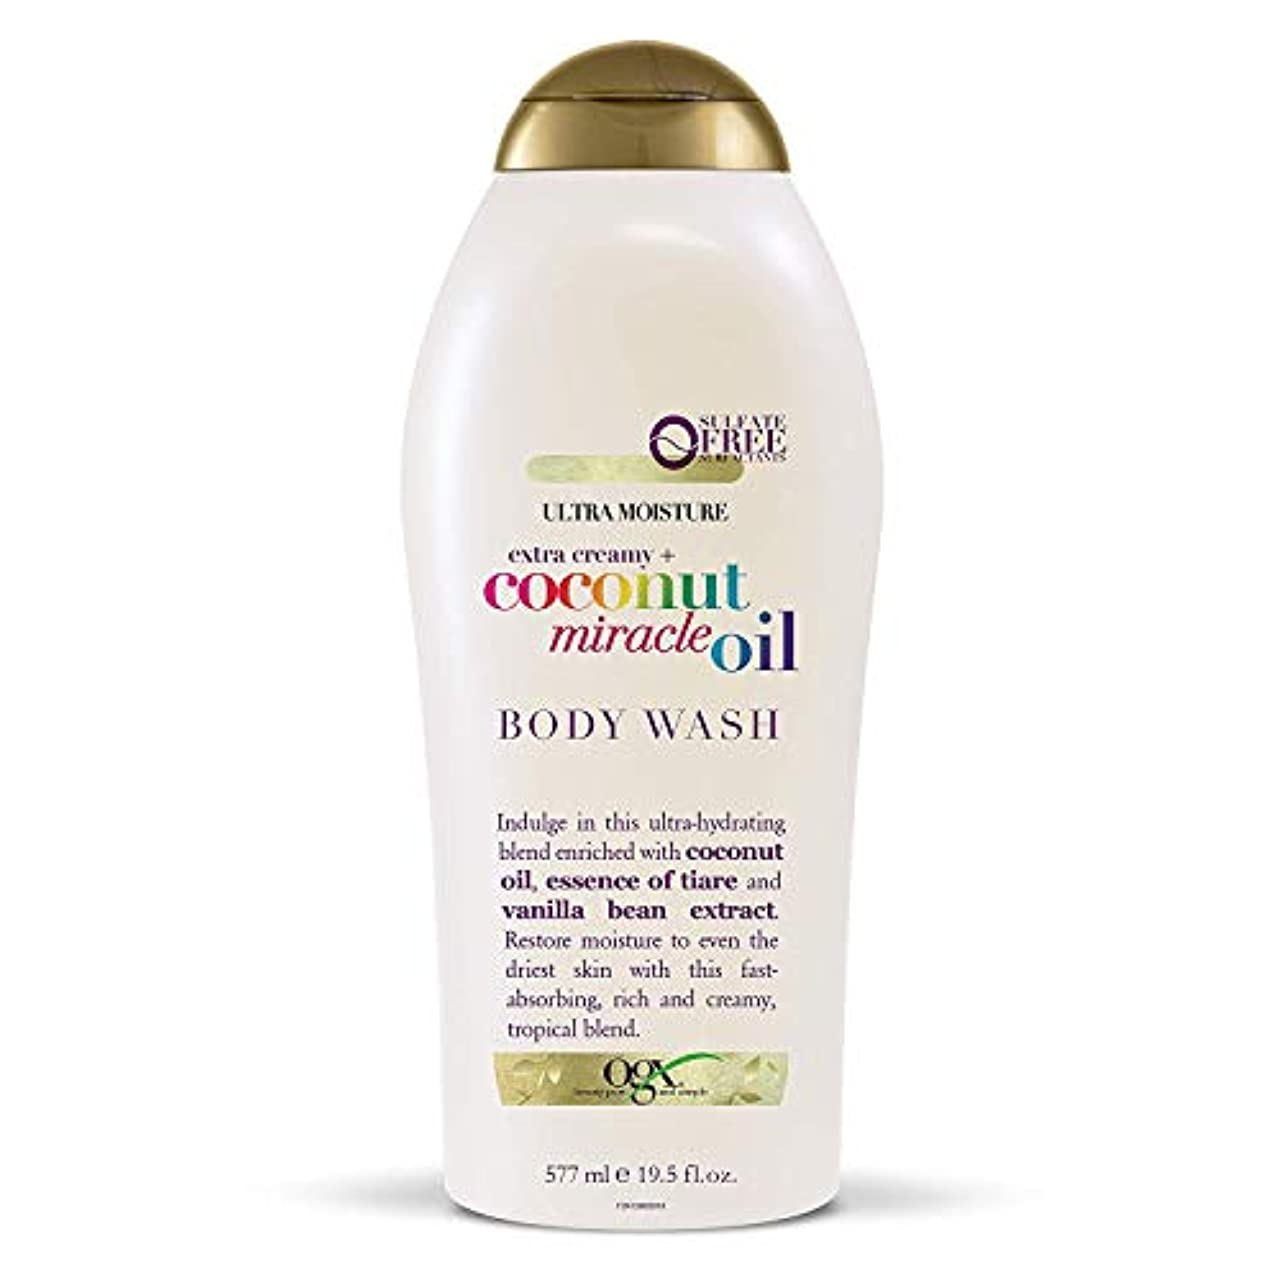 実施するドラッグ厚くするOgx Body Wash Coconut Miracle Oil Extra Strength 19.5oz OGX ココナッツミラクルオイル エクストラストレングス ボディウォッシュ 577ml [並行輸入品]